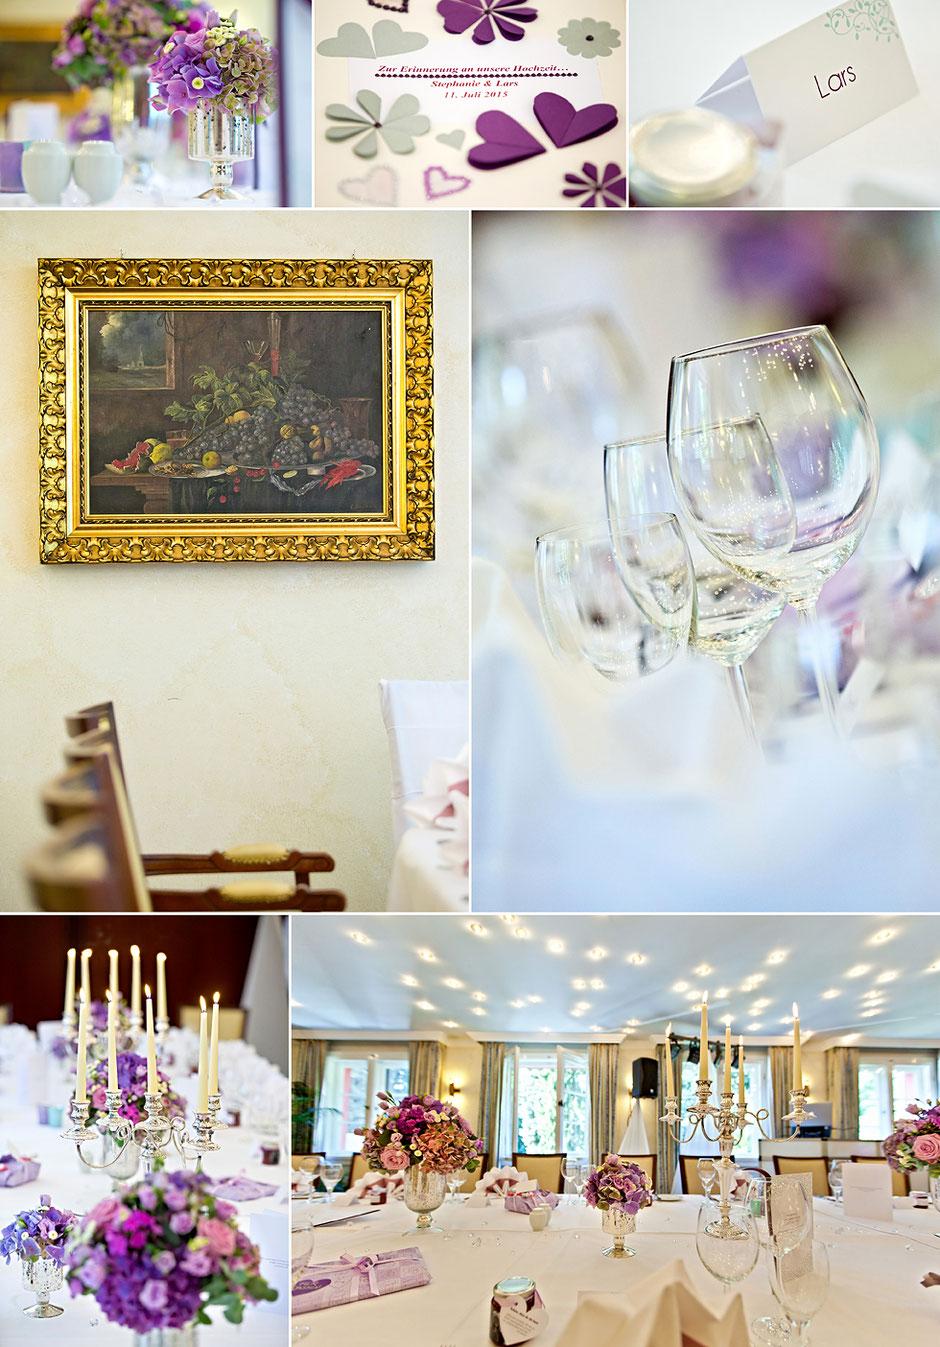 hochzeit, hochzeitsreportage, Romantik Hotel Jagdhaus Waldidyll, paul fleming, tischdekoration hochzeit